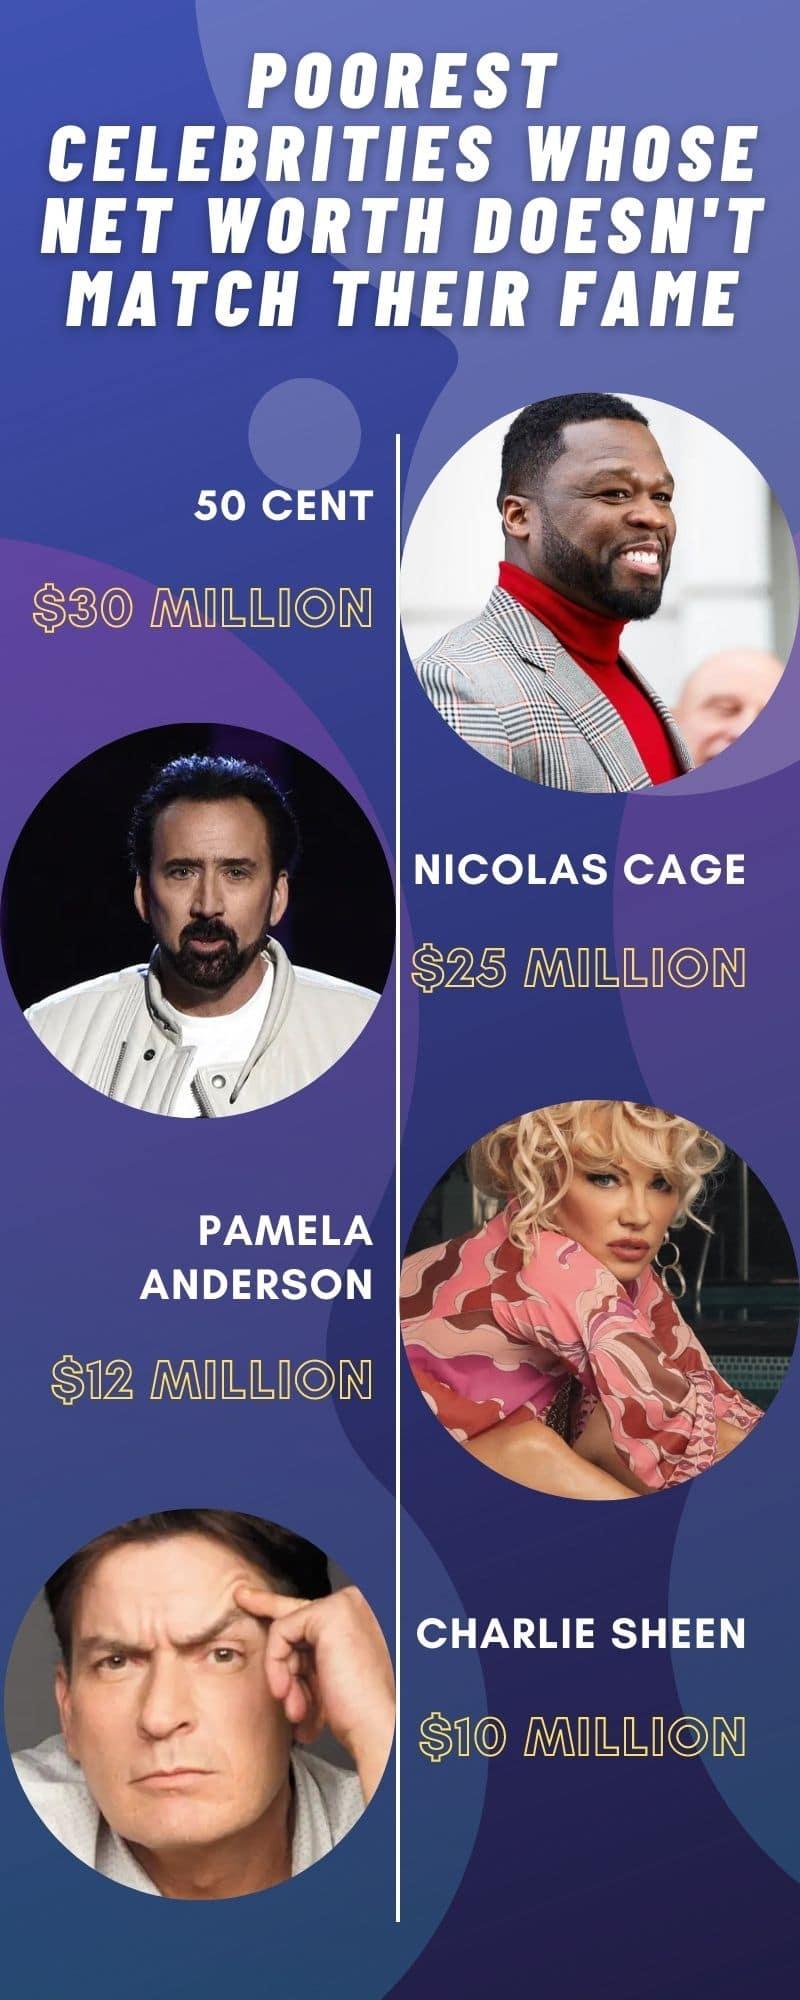 Poorest celebrities net worth